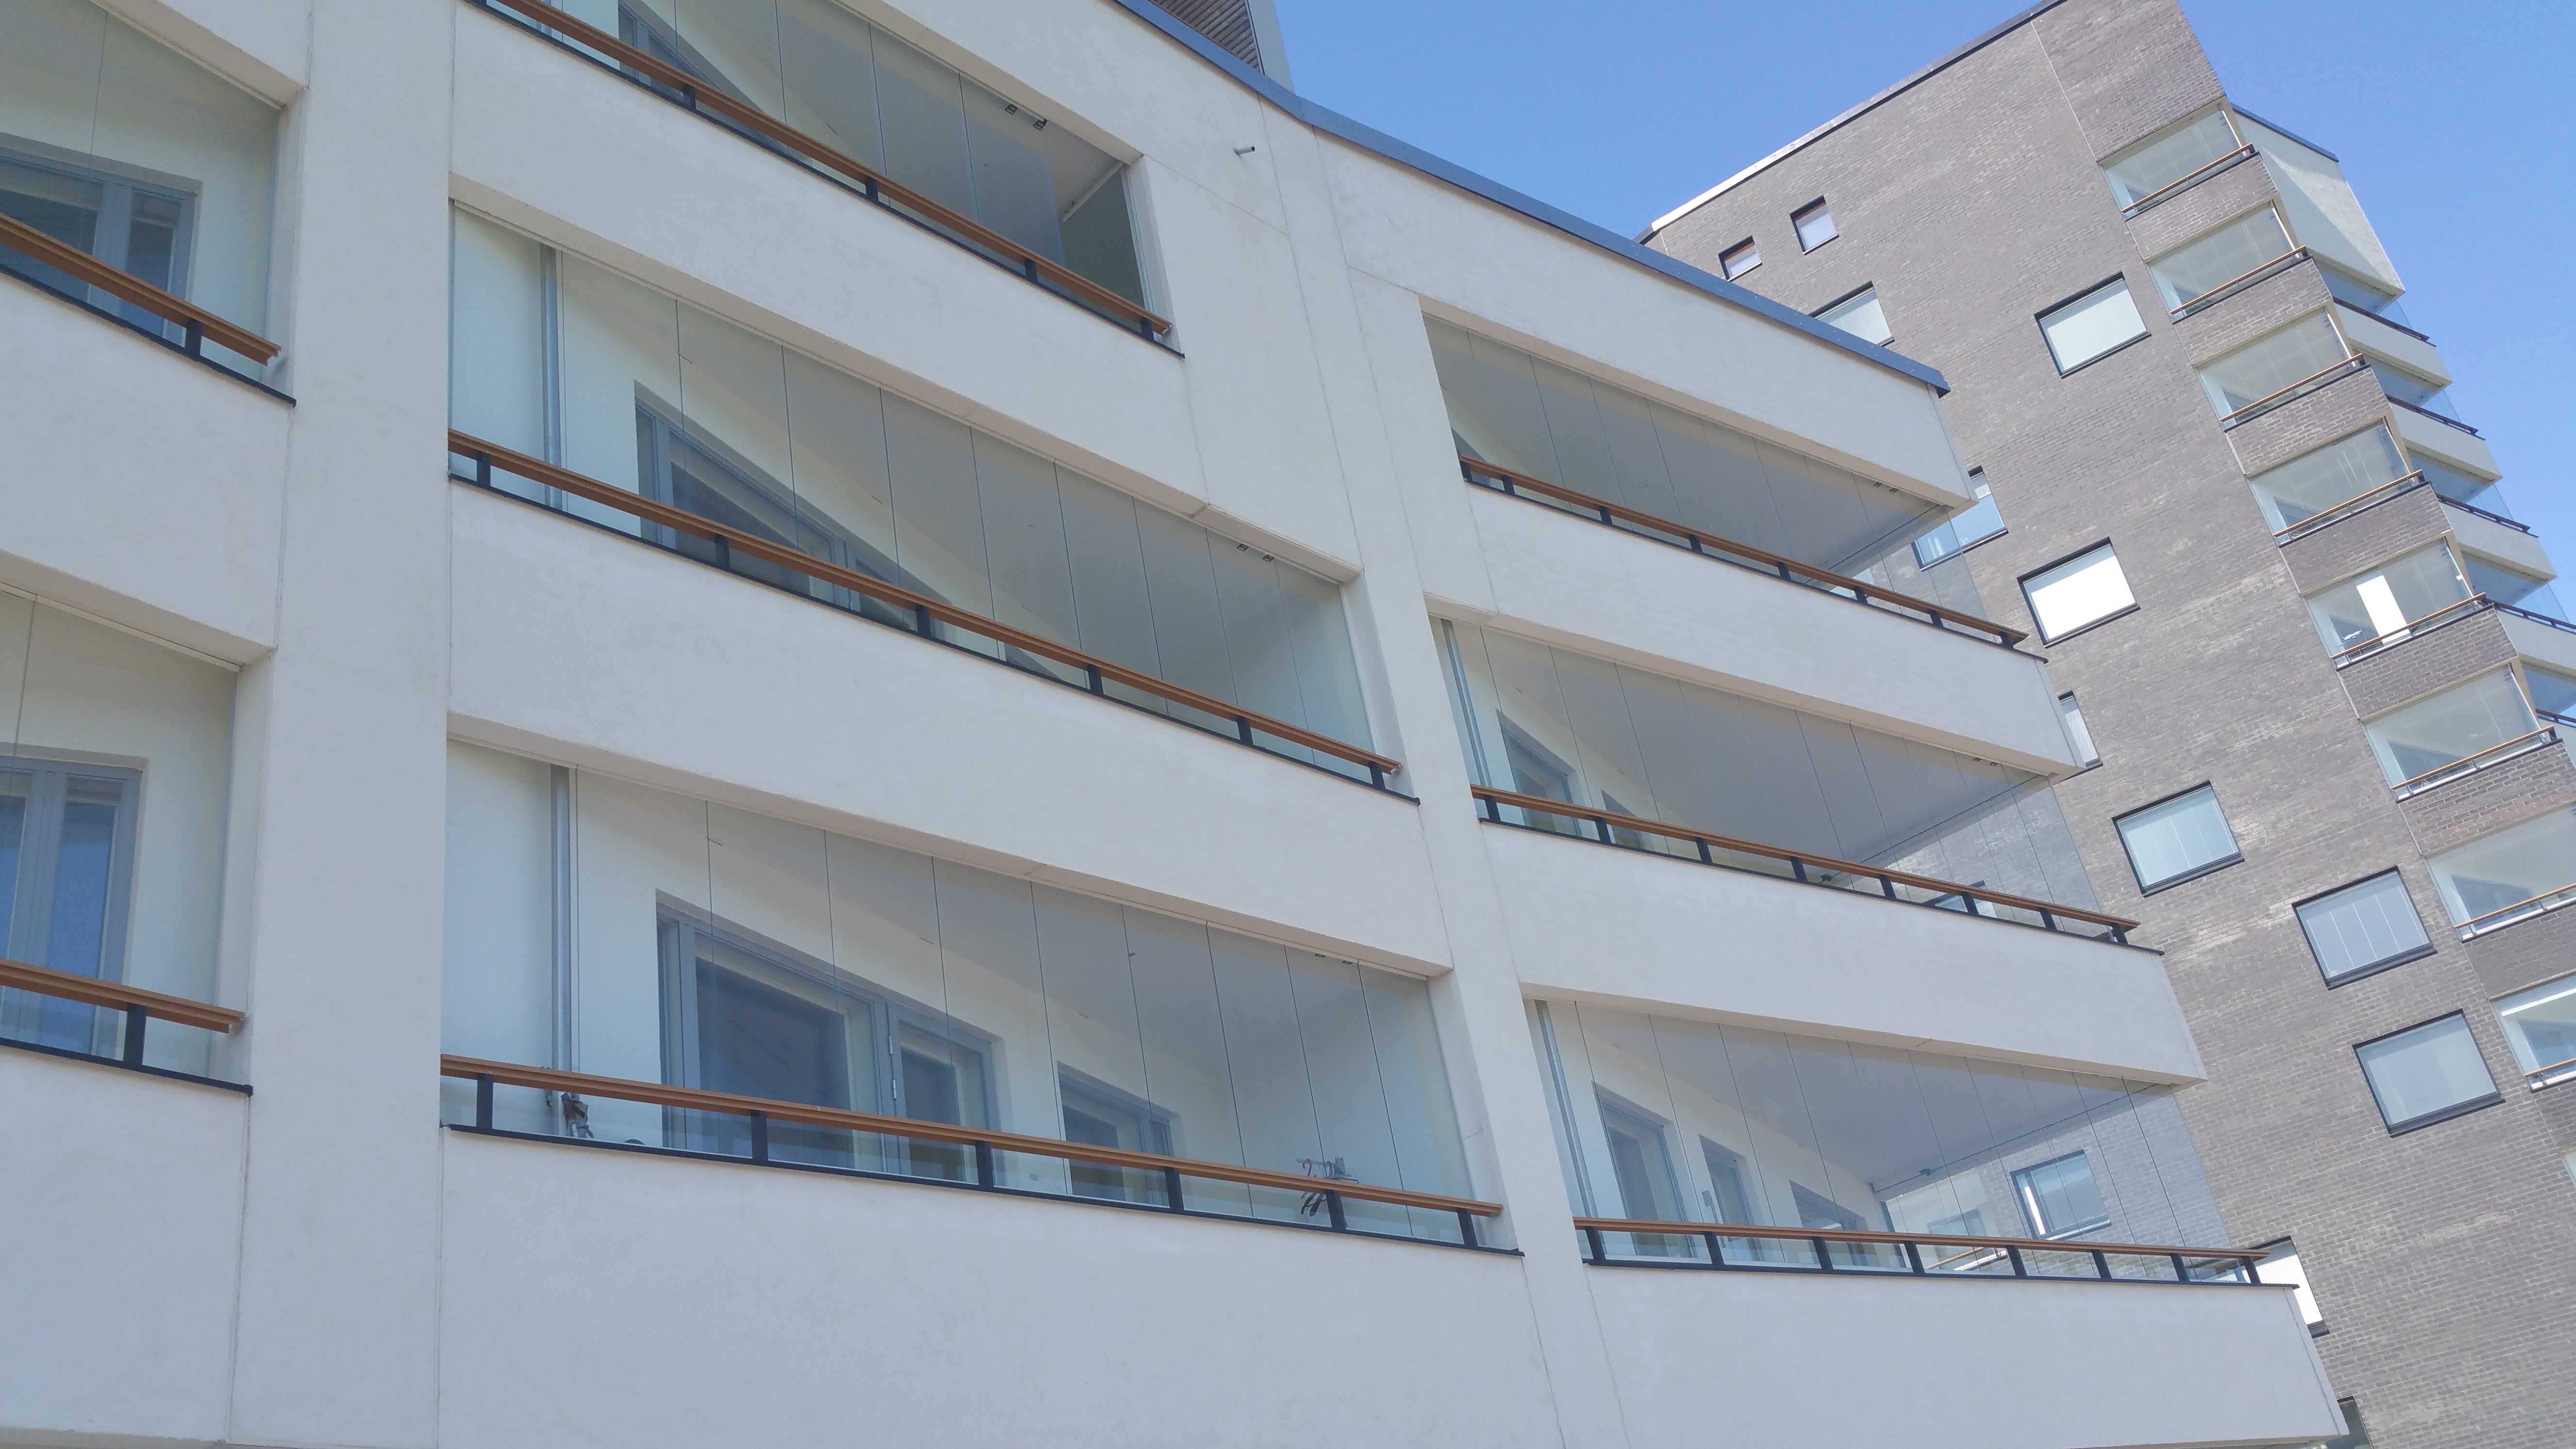 comment couvrir un balcon ouvert faites un toit en verre pour votre terrasse moderne. Black Bedroom Furniture Sets. Home Design Ideas